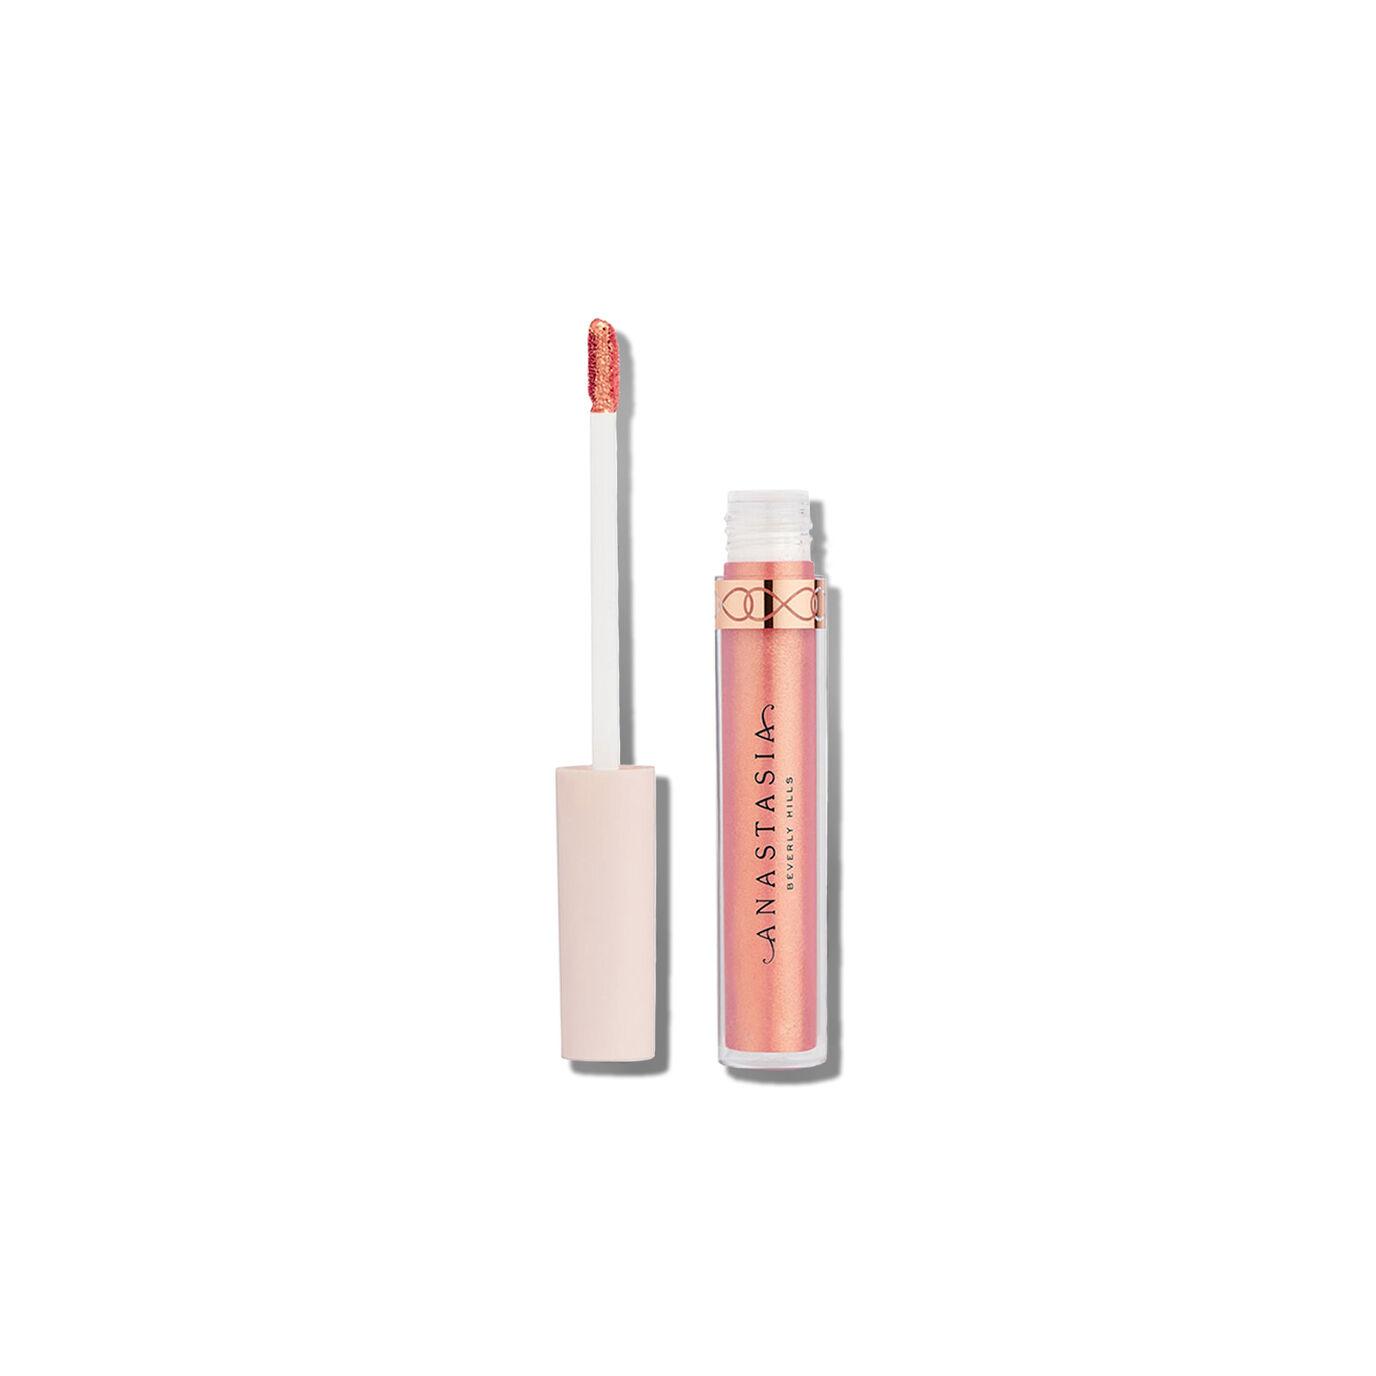 Liquid Lipstick - Bellini